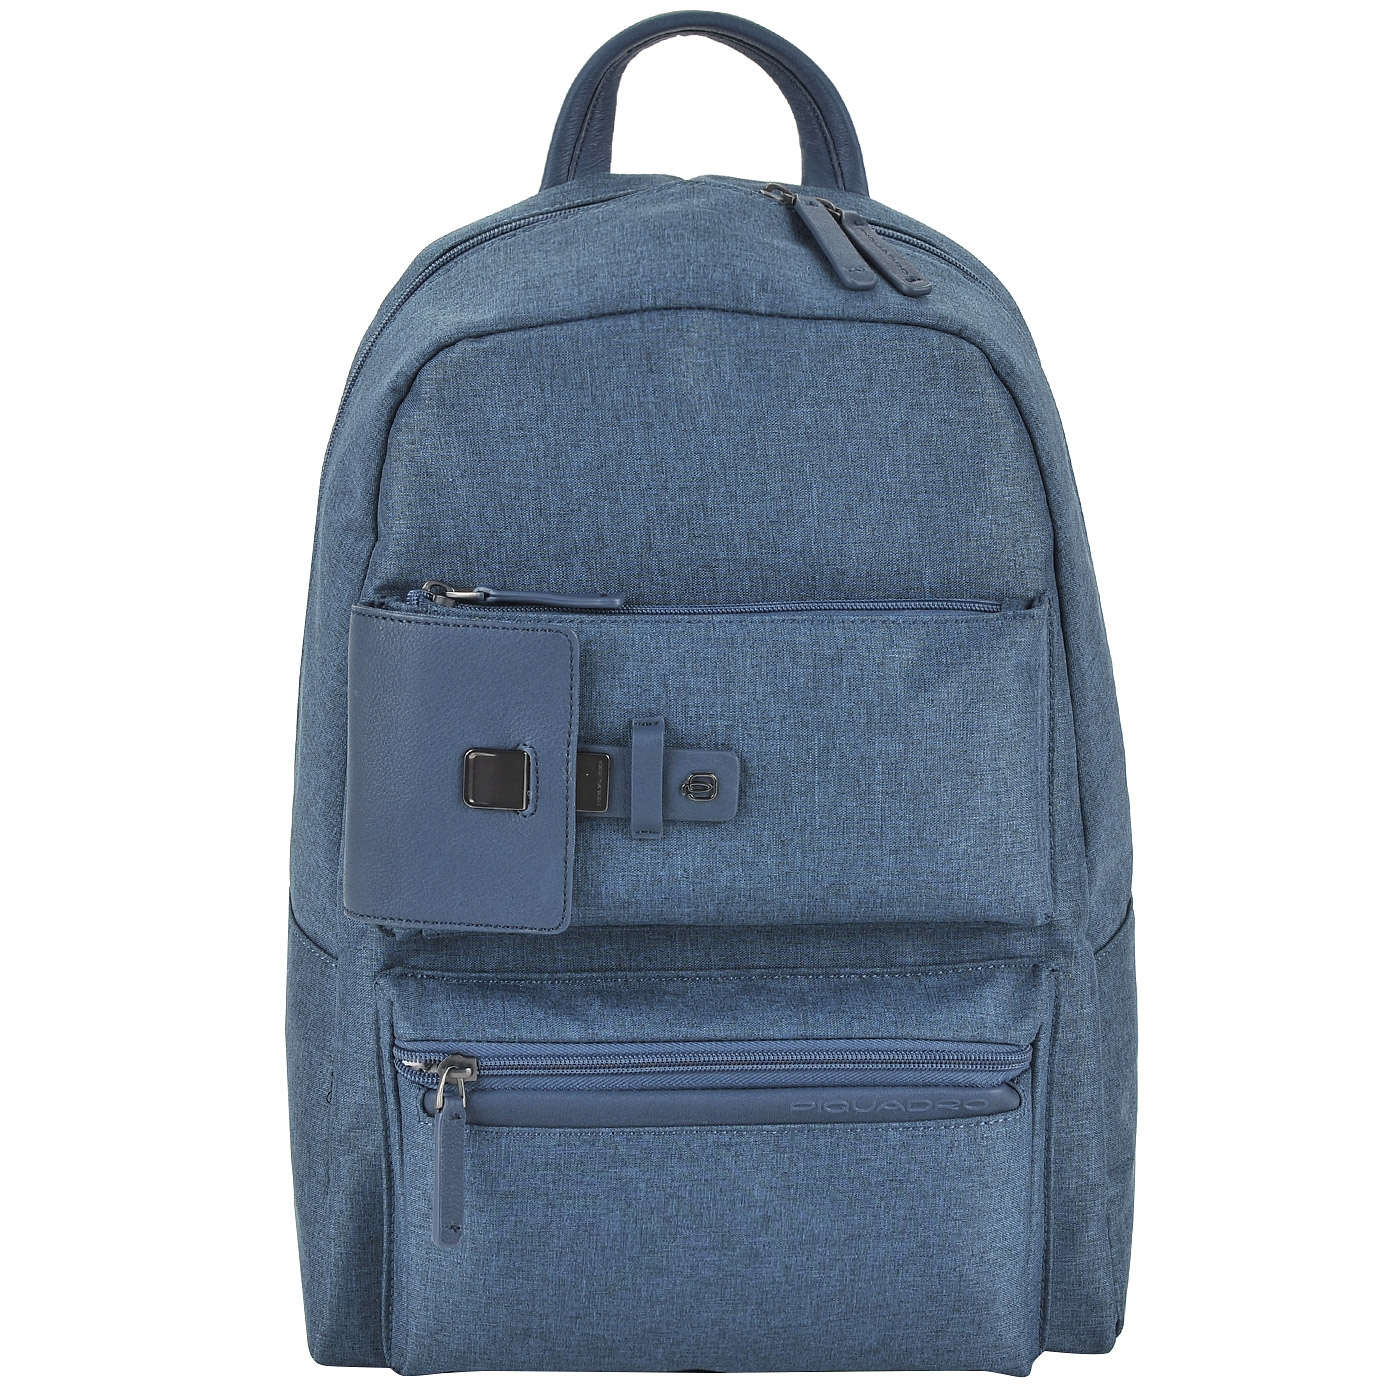 20edef9706a8 Рюкзак с отделением для ноутбука Piquadro Yukon CA3991S89/BLU ...